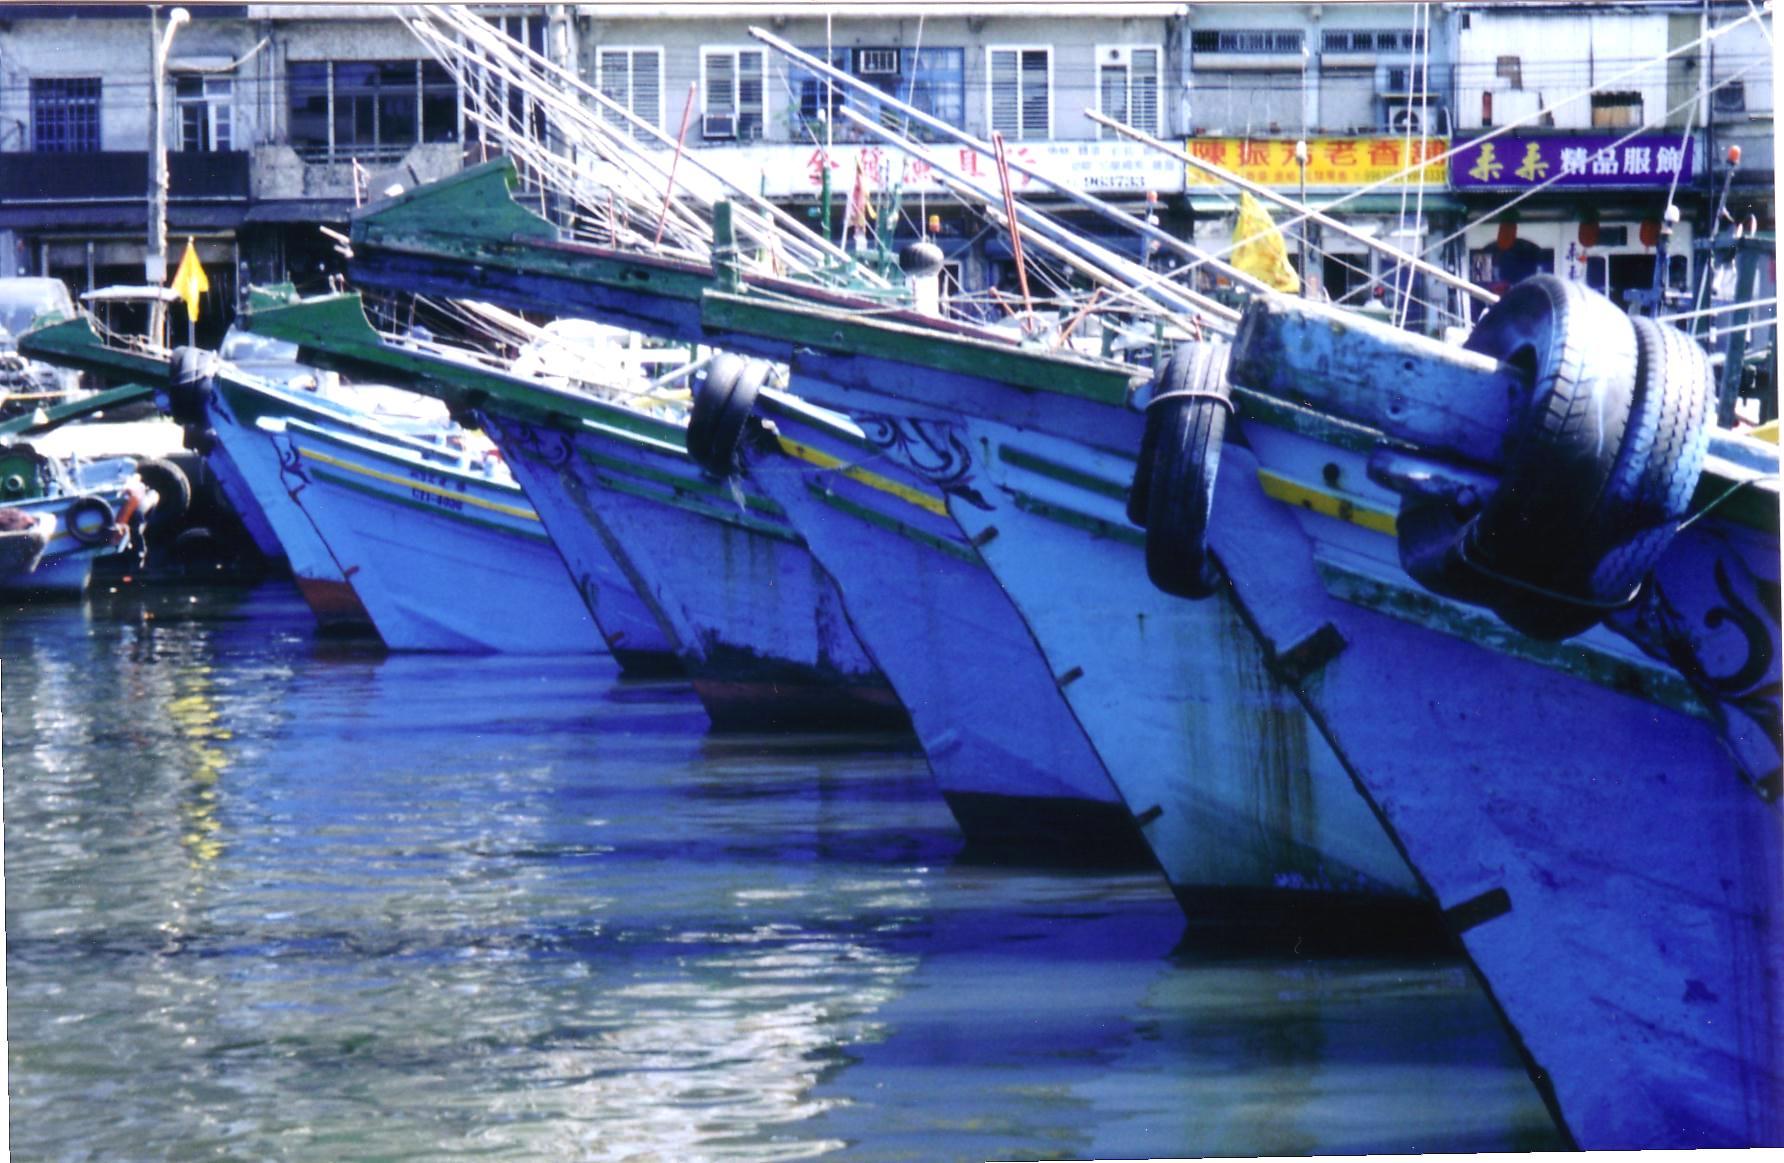 Boats, Taiwan by Jo Castro